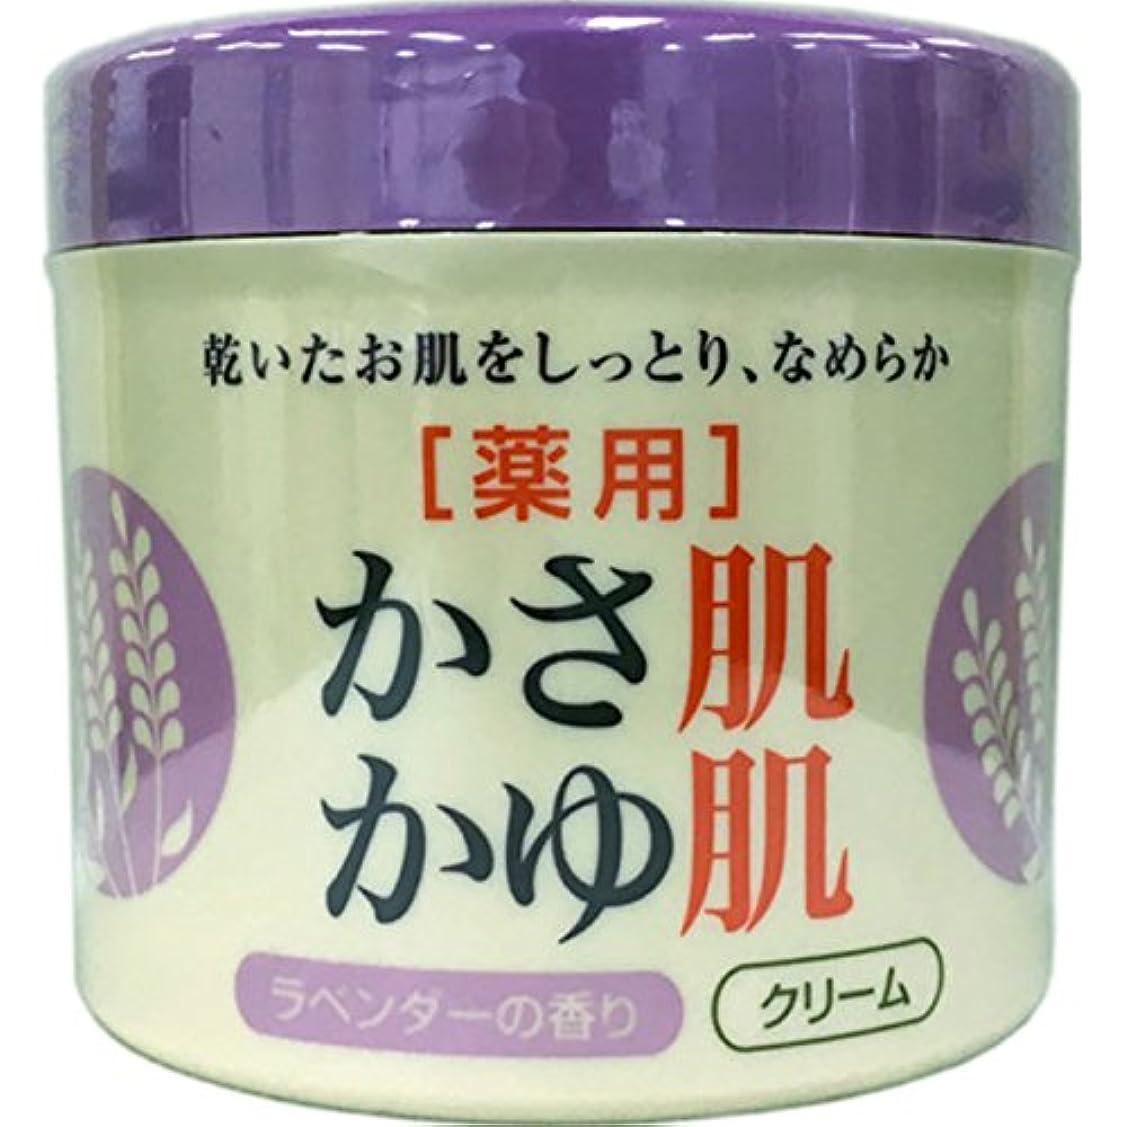 パレード光沢ブラシヒラマツ商事 薬用かさ肌かゆ肌ミルキークリーム ラベンダー 280g (医薬部外品)